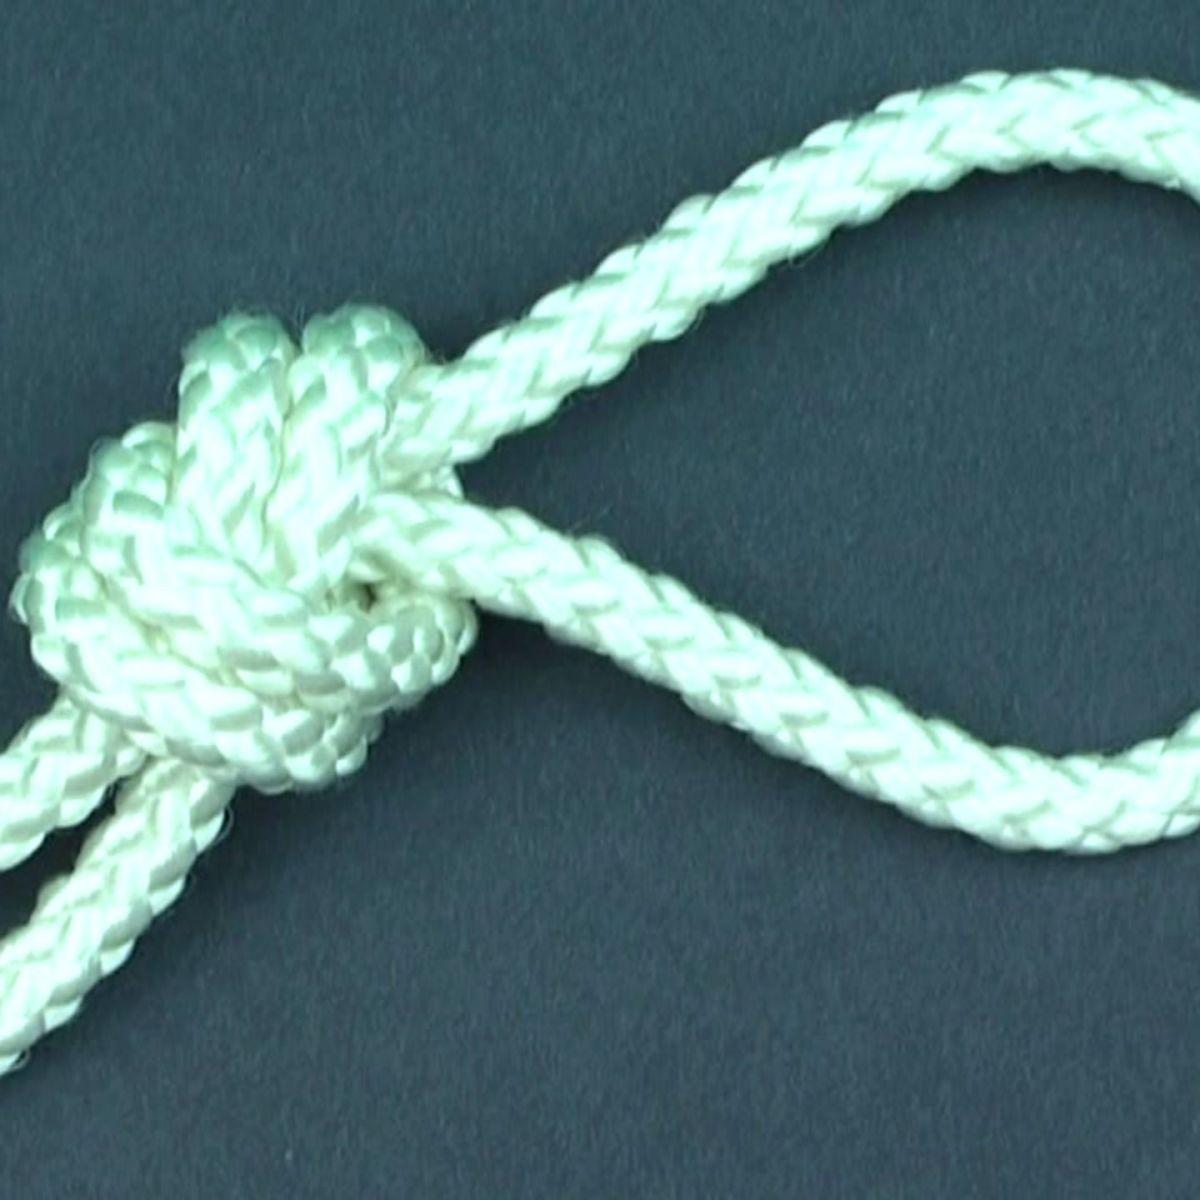 An overhand knot